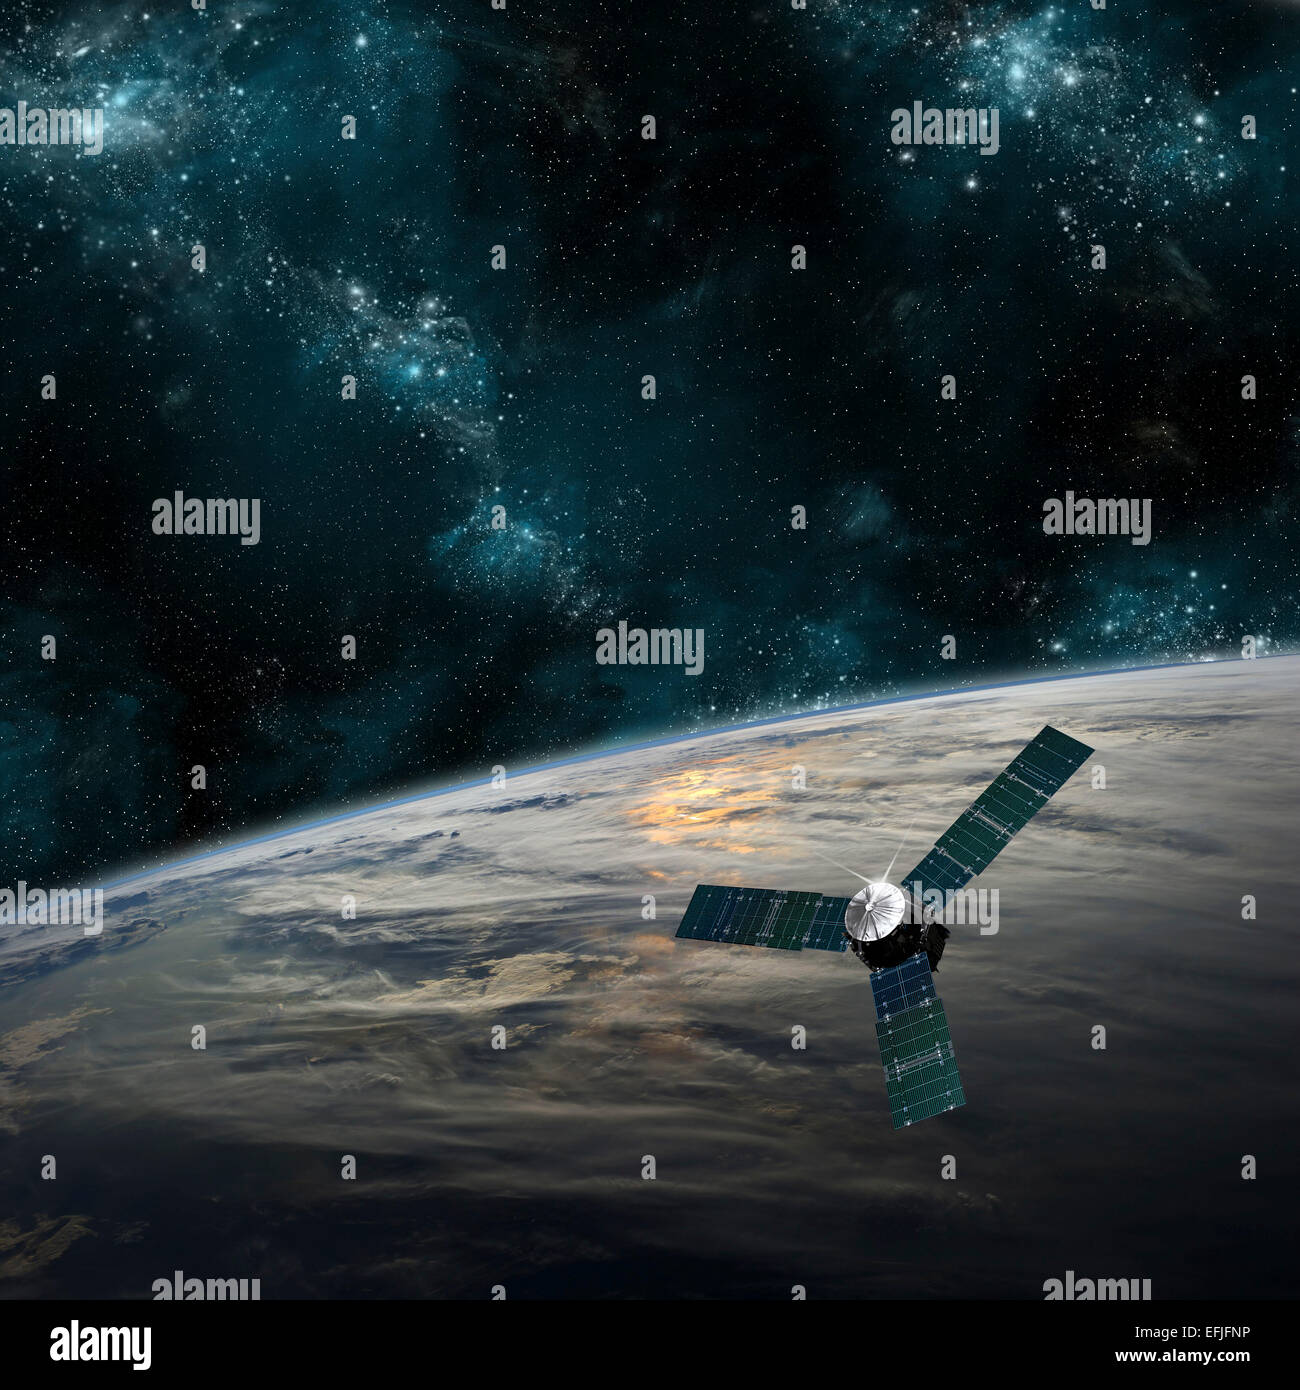 Una sonda espacial investiga un hermoso planeta cubierto de nube en el espacio ultraterrestre. Remolino de nubes Imagen De Stock